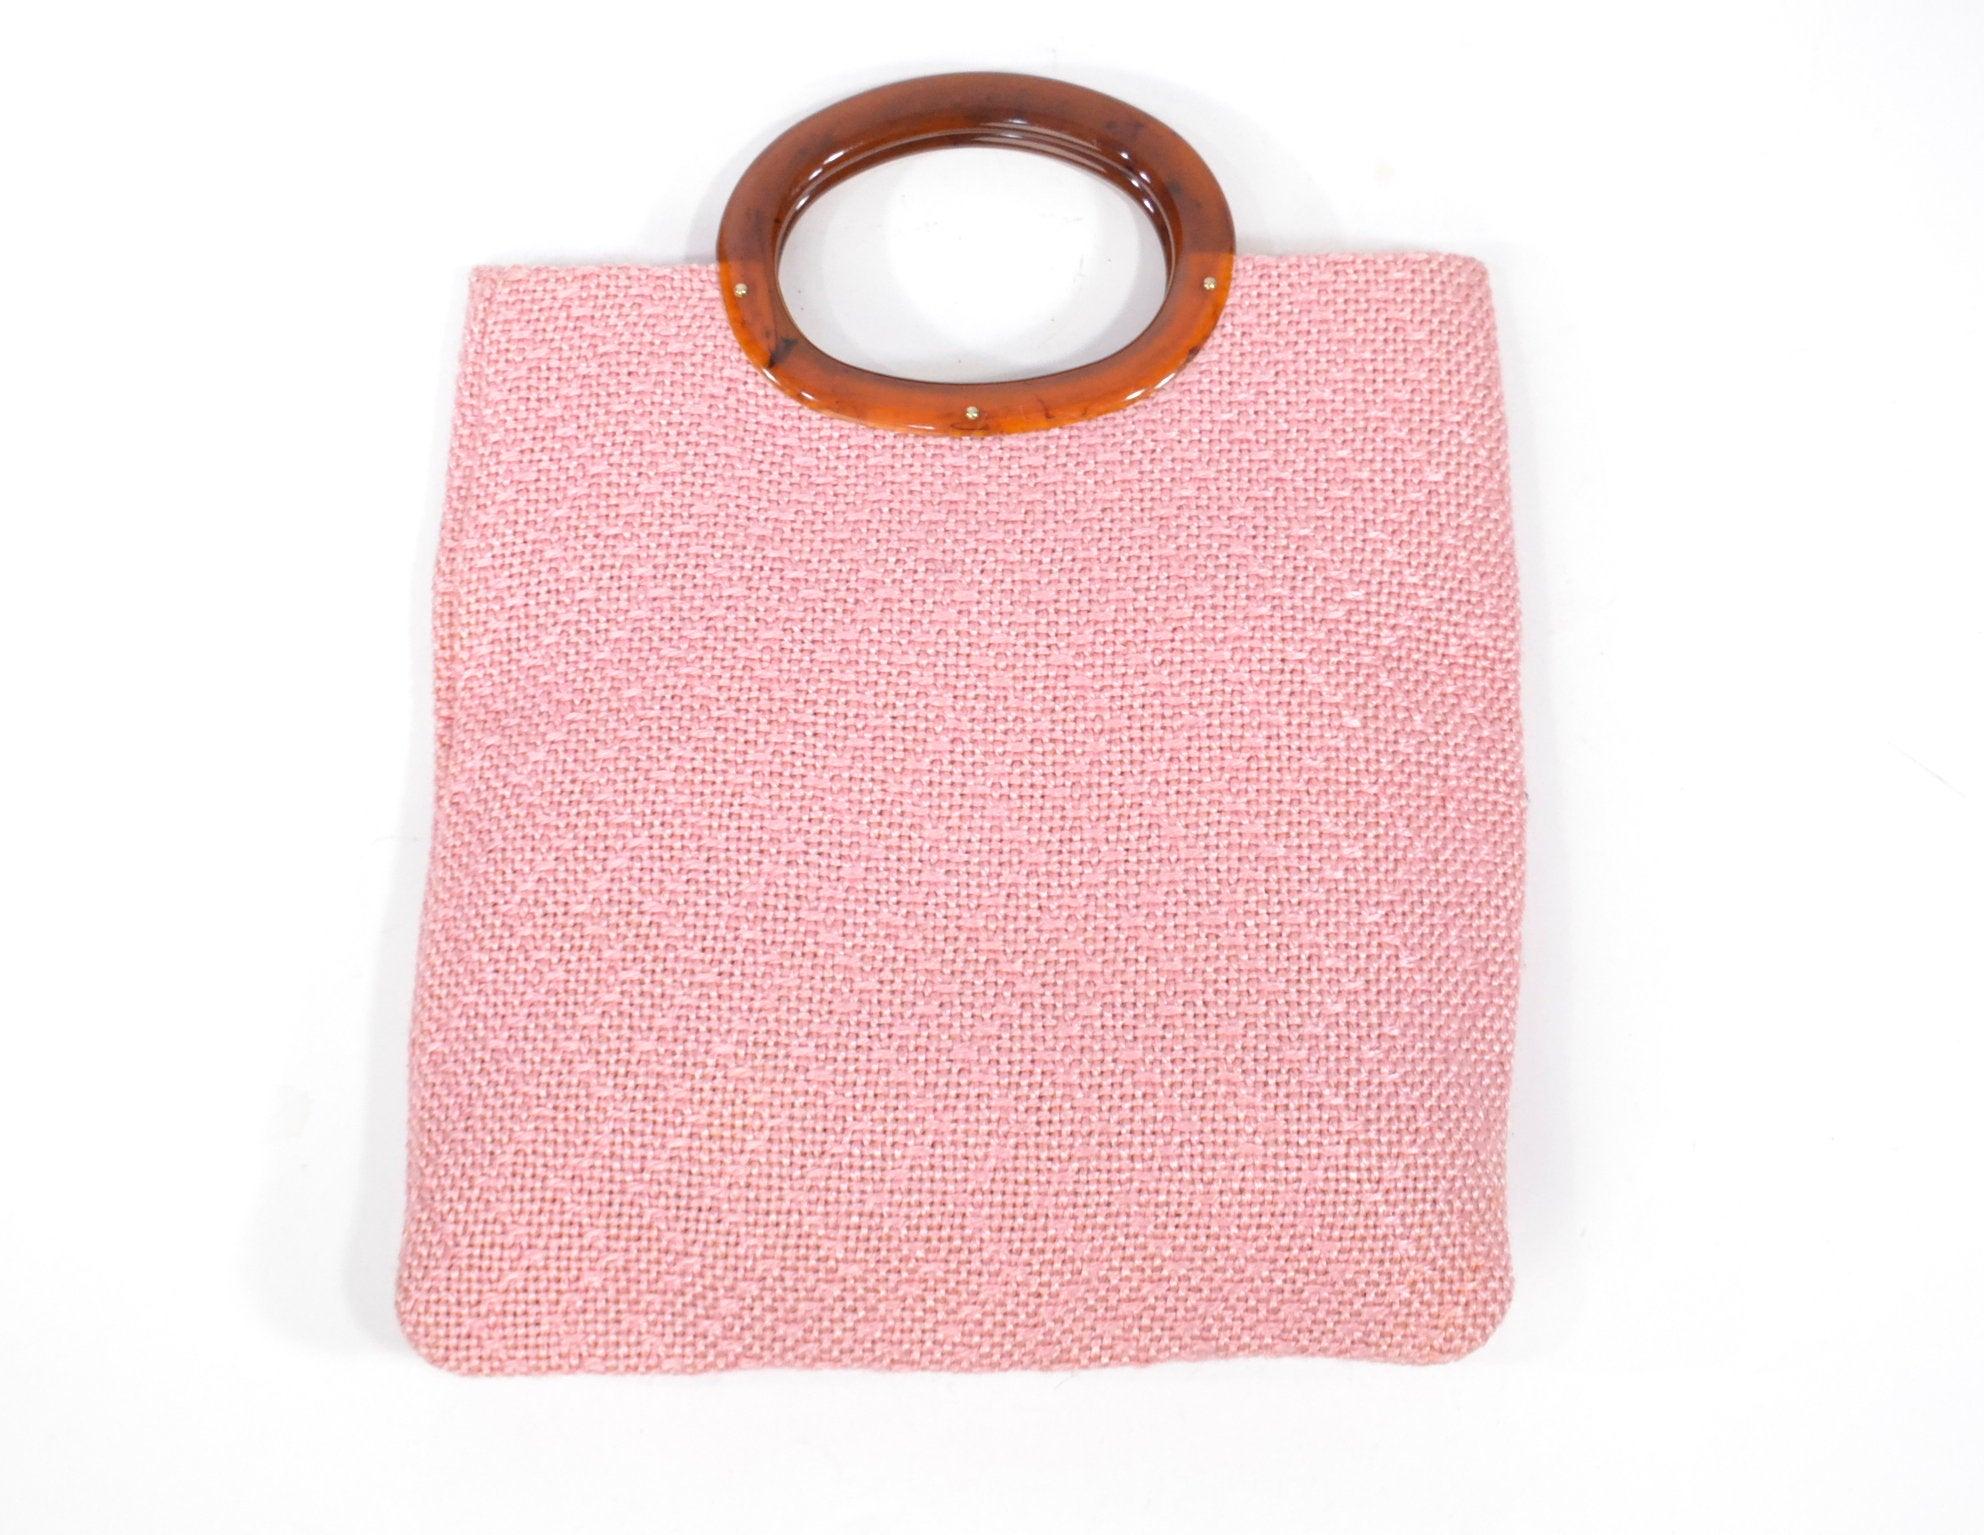 pinkpurse.jpg